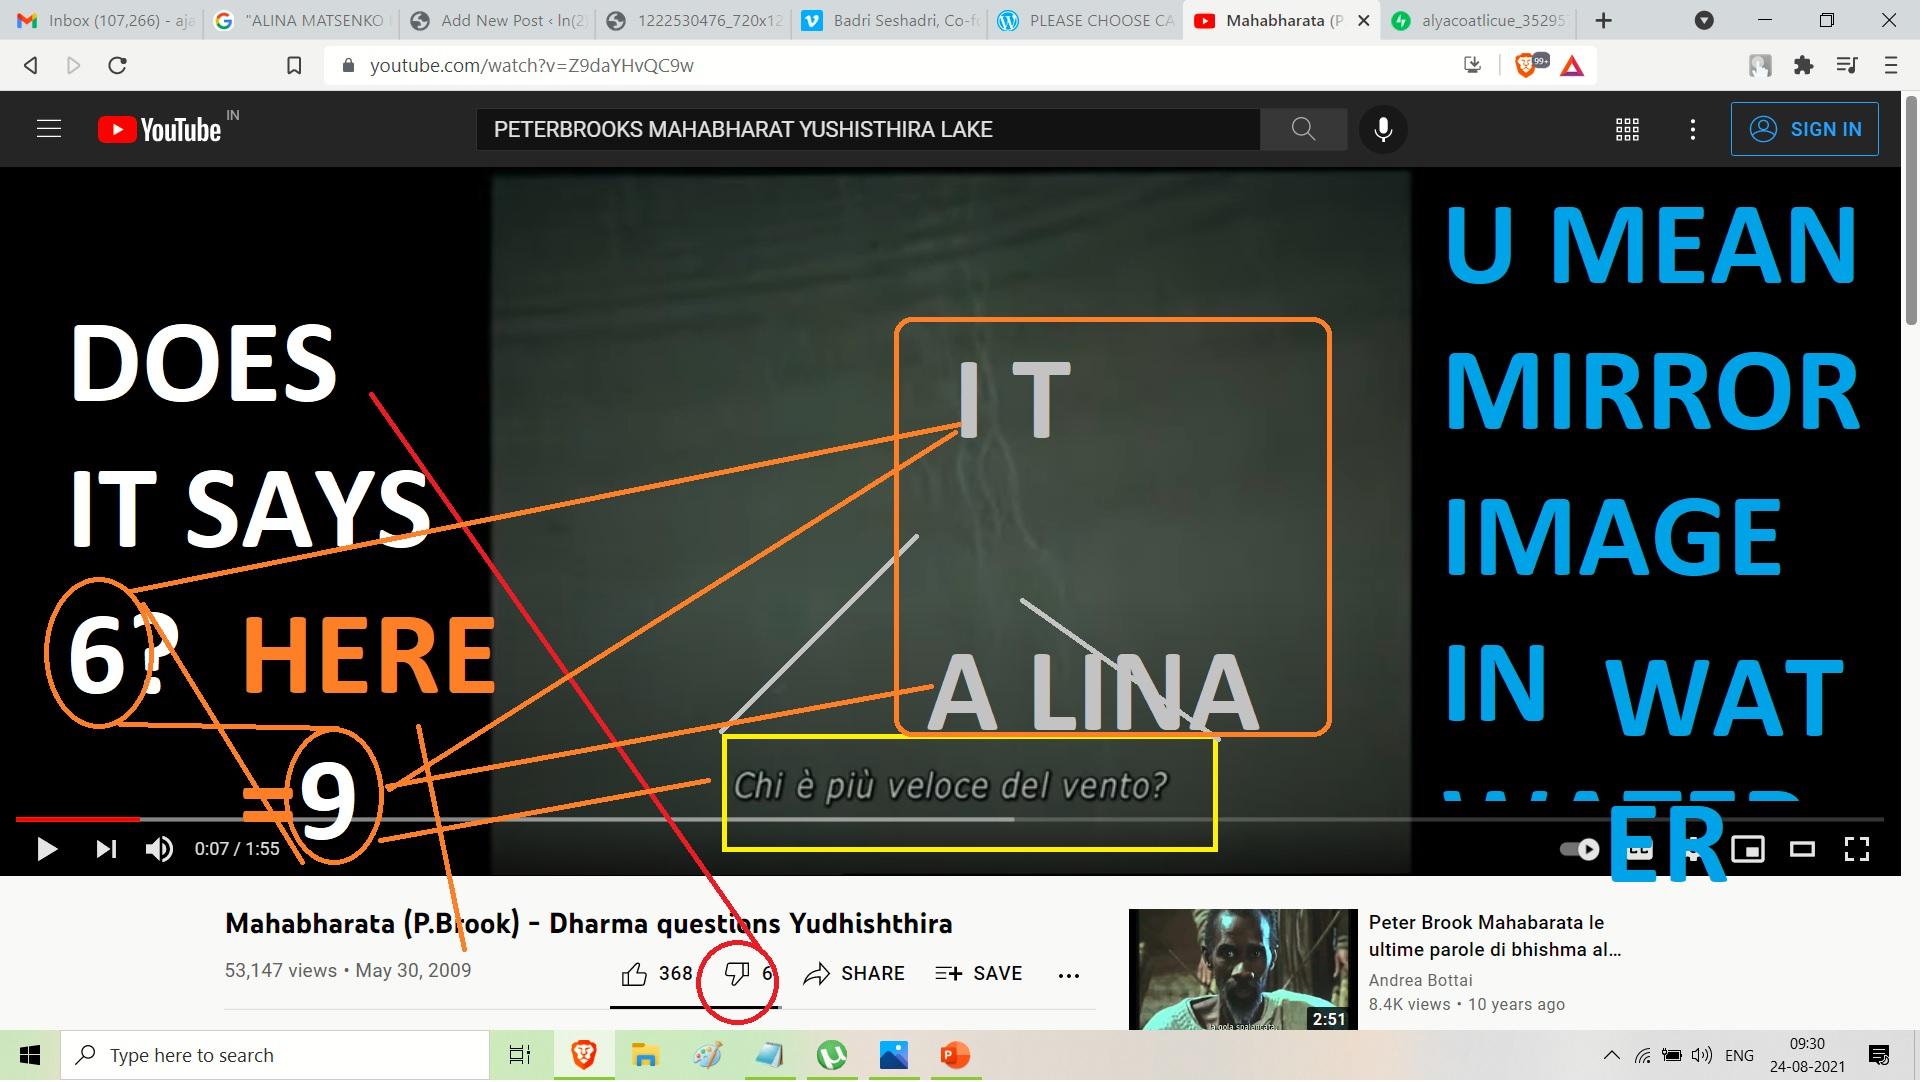 ALINA MATSENKO - ITALINA - MIRRI IMAGES YUDHISTHIRA LAKE - PONG MAHABHARAT - - REGARDS 643361467 AJAY AKA JOHN MISHRA AND ALINA MASTENKO MOVIE MAHABHARAT AND CHINA AND UK AND UK PULUS RAIN MEANS UKRAINE AND